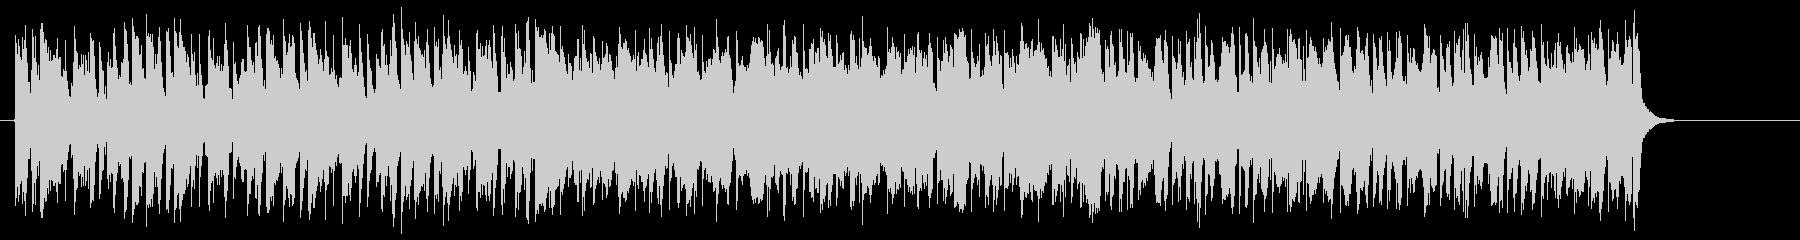 爽快なフュージョンポップ(イントロ~…)の未再生の波形